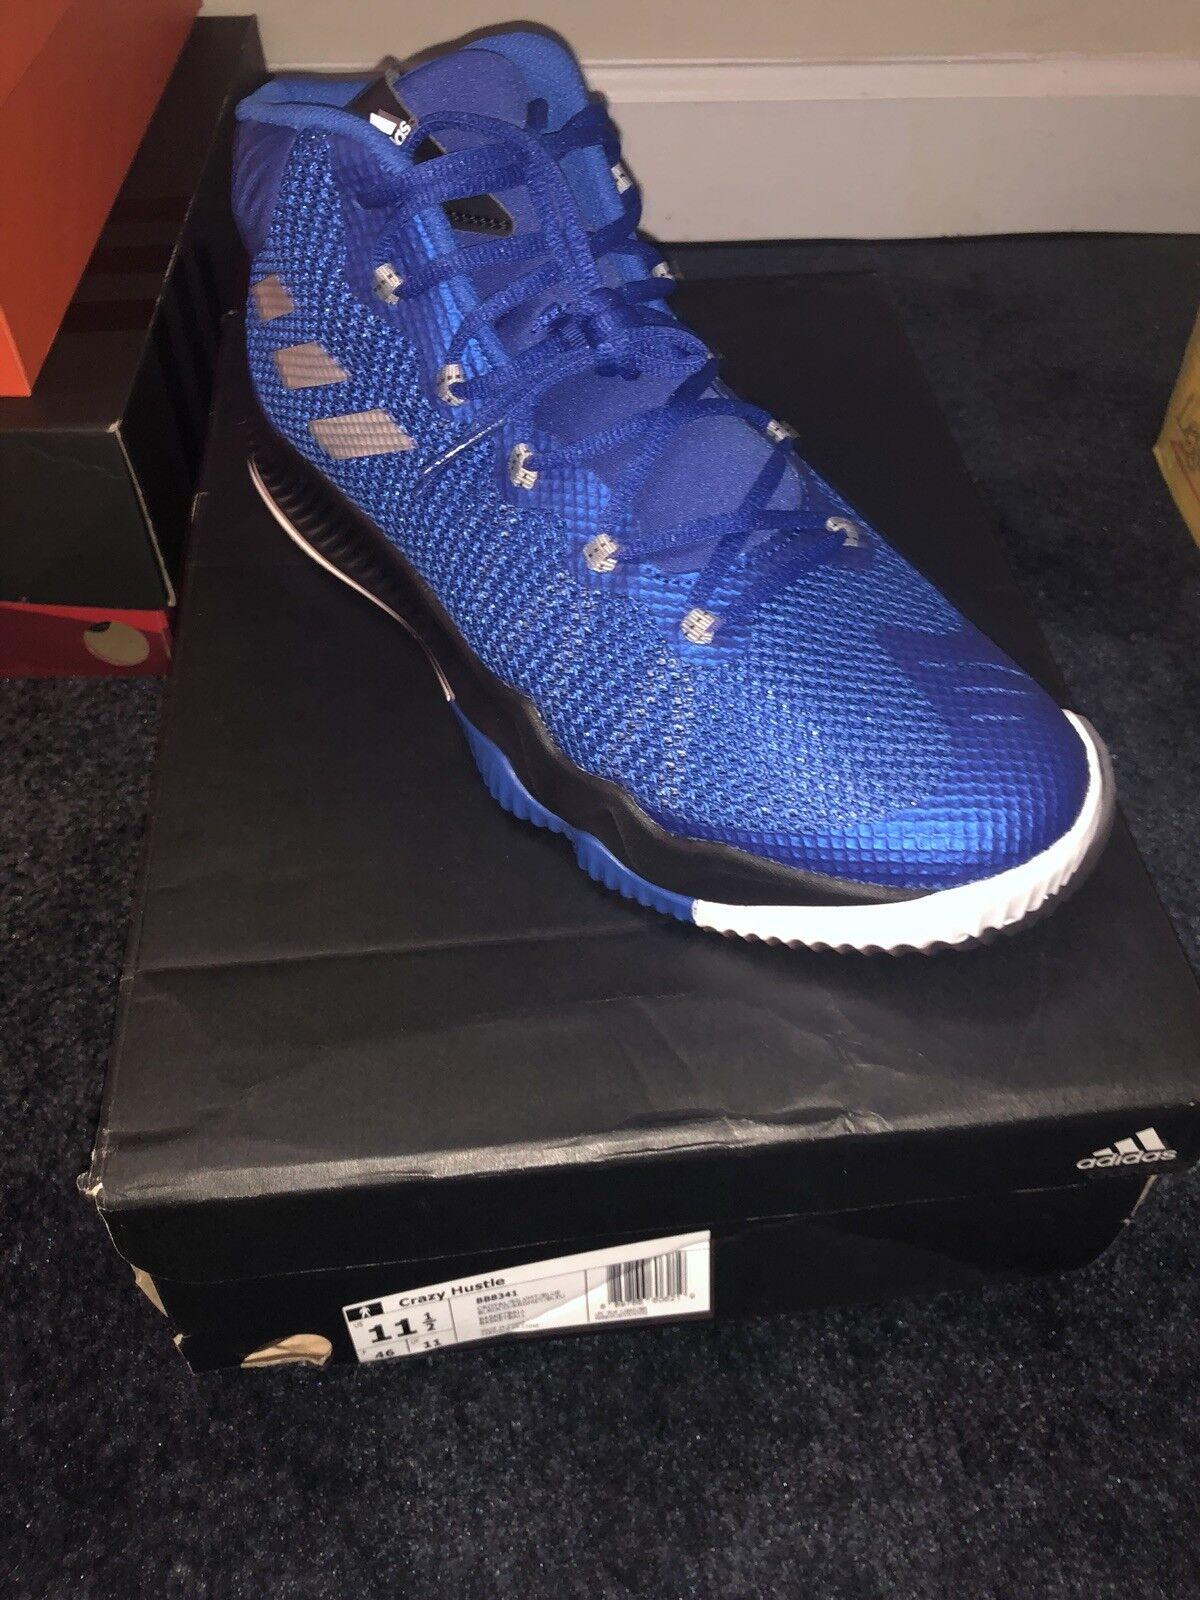 Gli uomini scarpe  adidas pazzo hustle scarpe uomini da basket reale blu bianco e nero bb8341 a1 a78c04